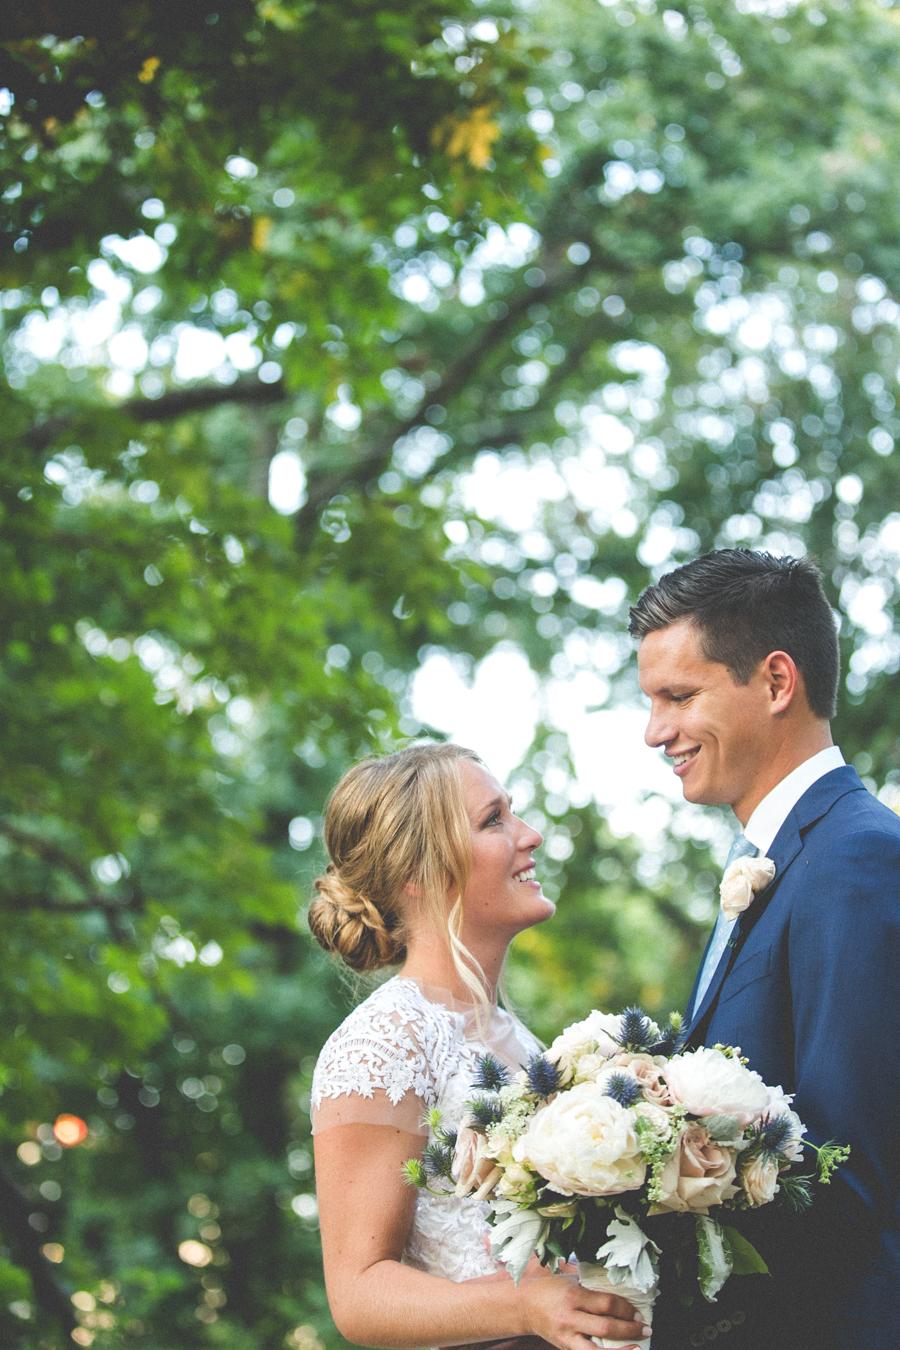 Bradi & James   Tulsa Wedding Photography   BlogBradi & James   Tulsa Wedding Photography   Blog-1-20